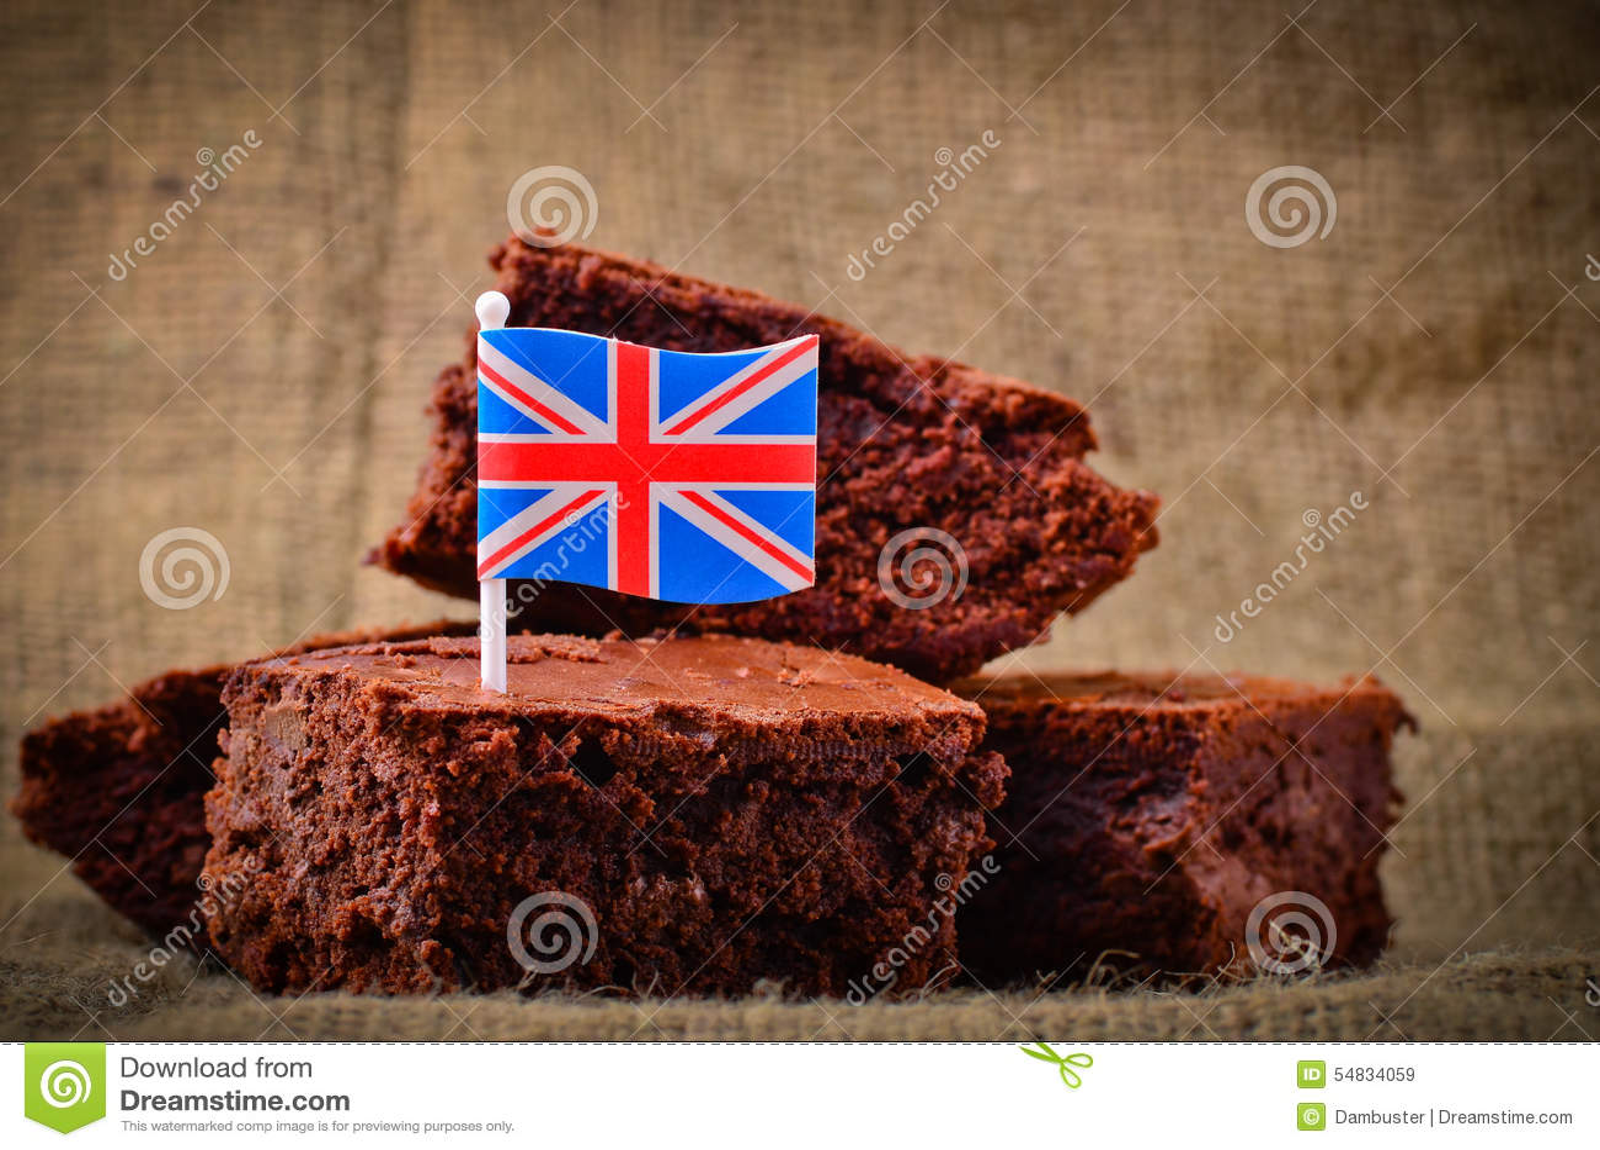 British Chocolate Brownies Stock Photo - Image: 54834059